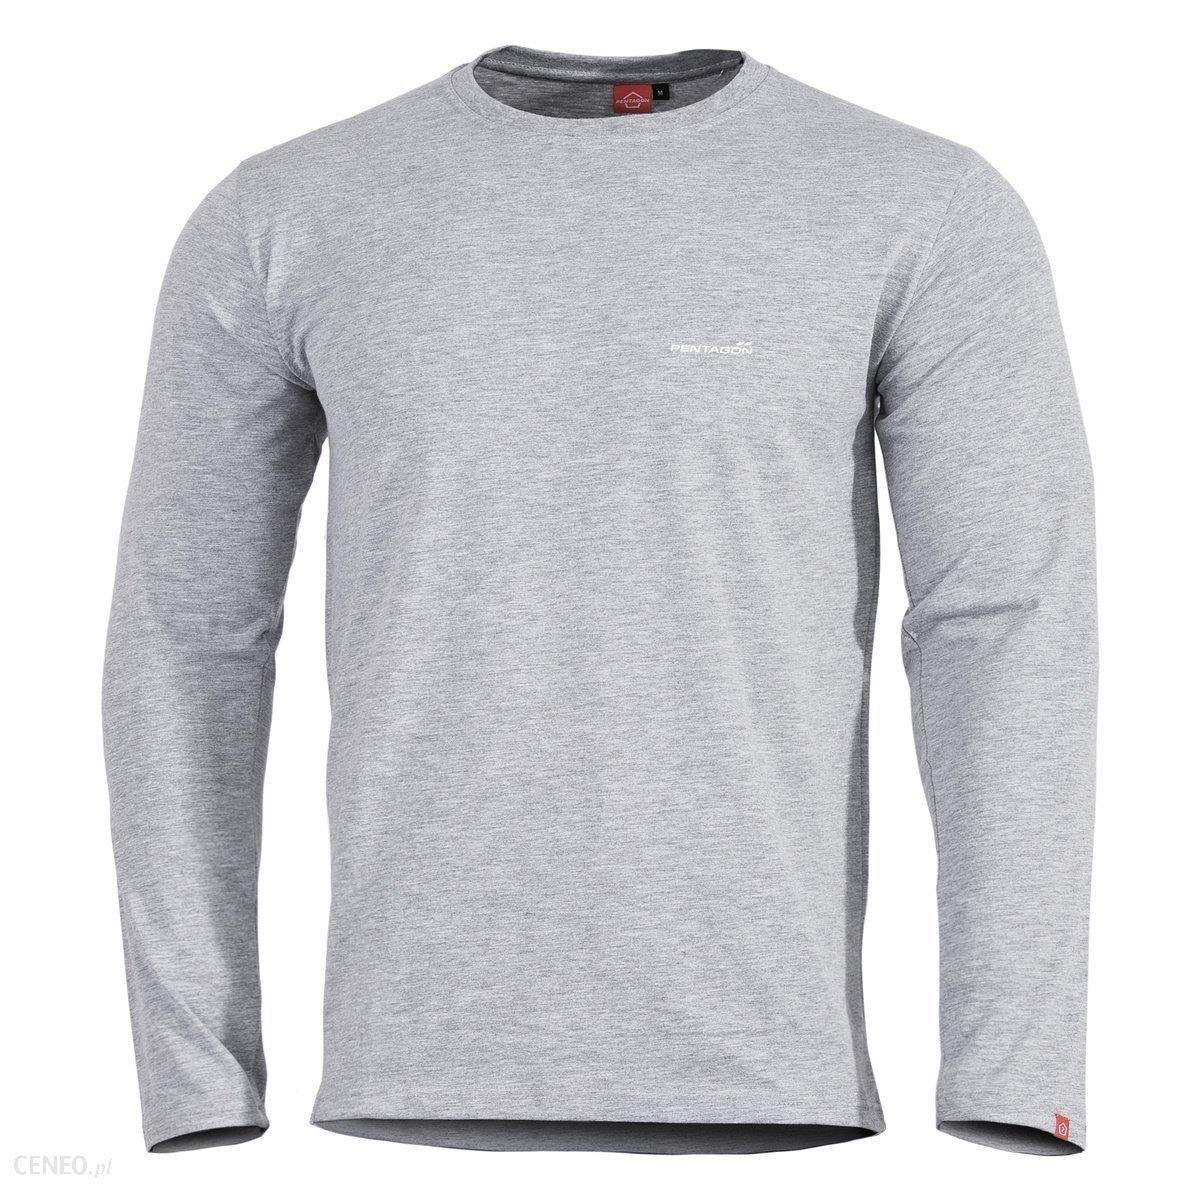 Pentagon Koszulka Ageron Długi Rękaw Melange (K09029-16)